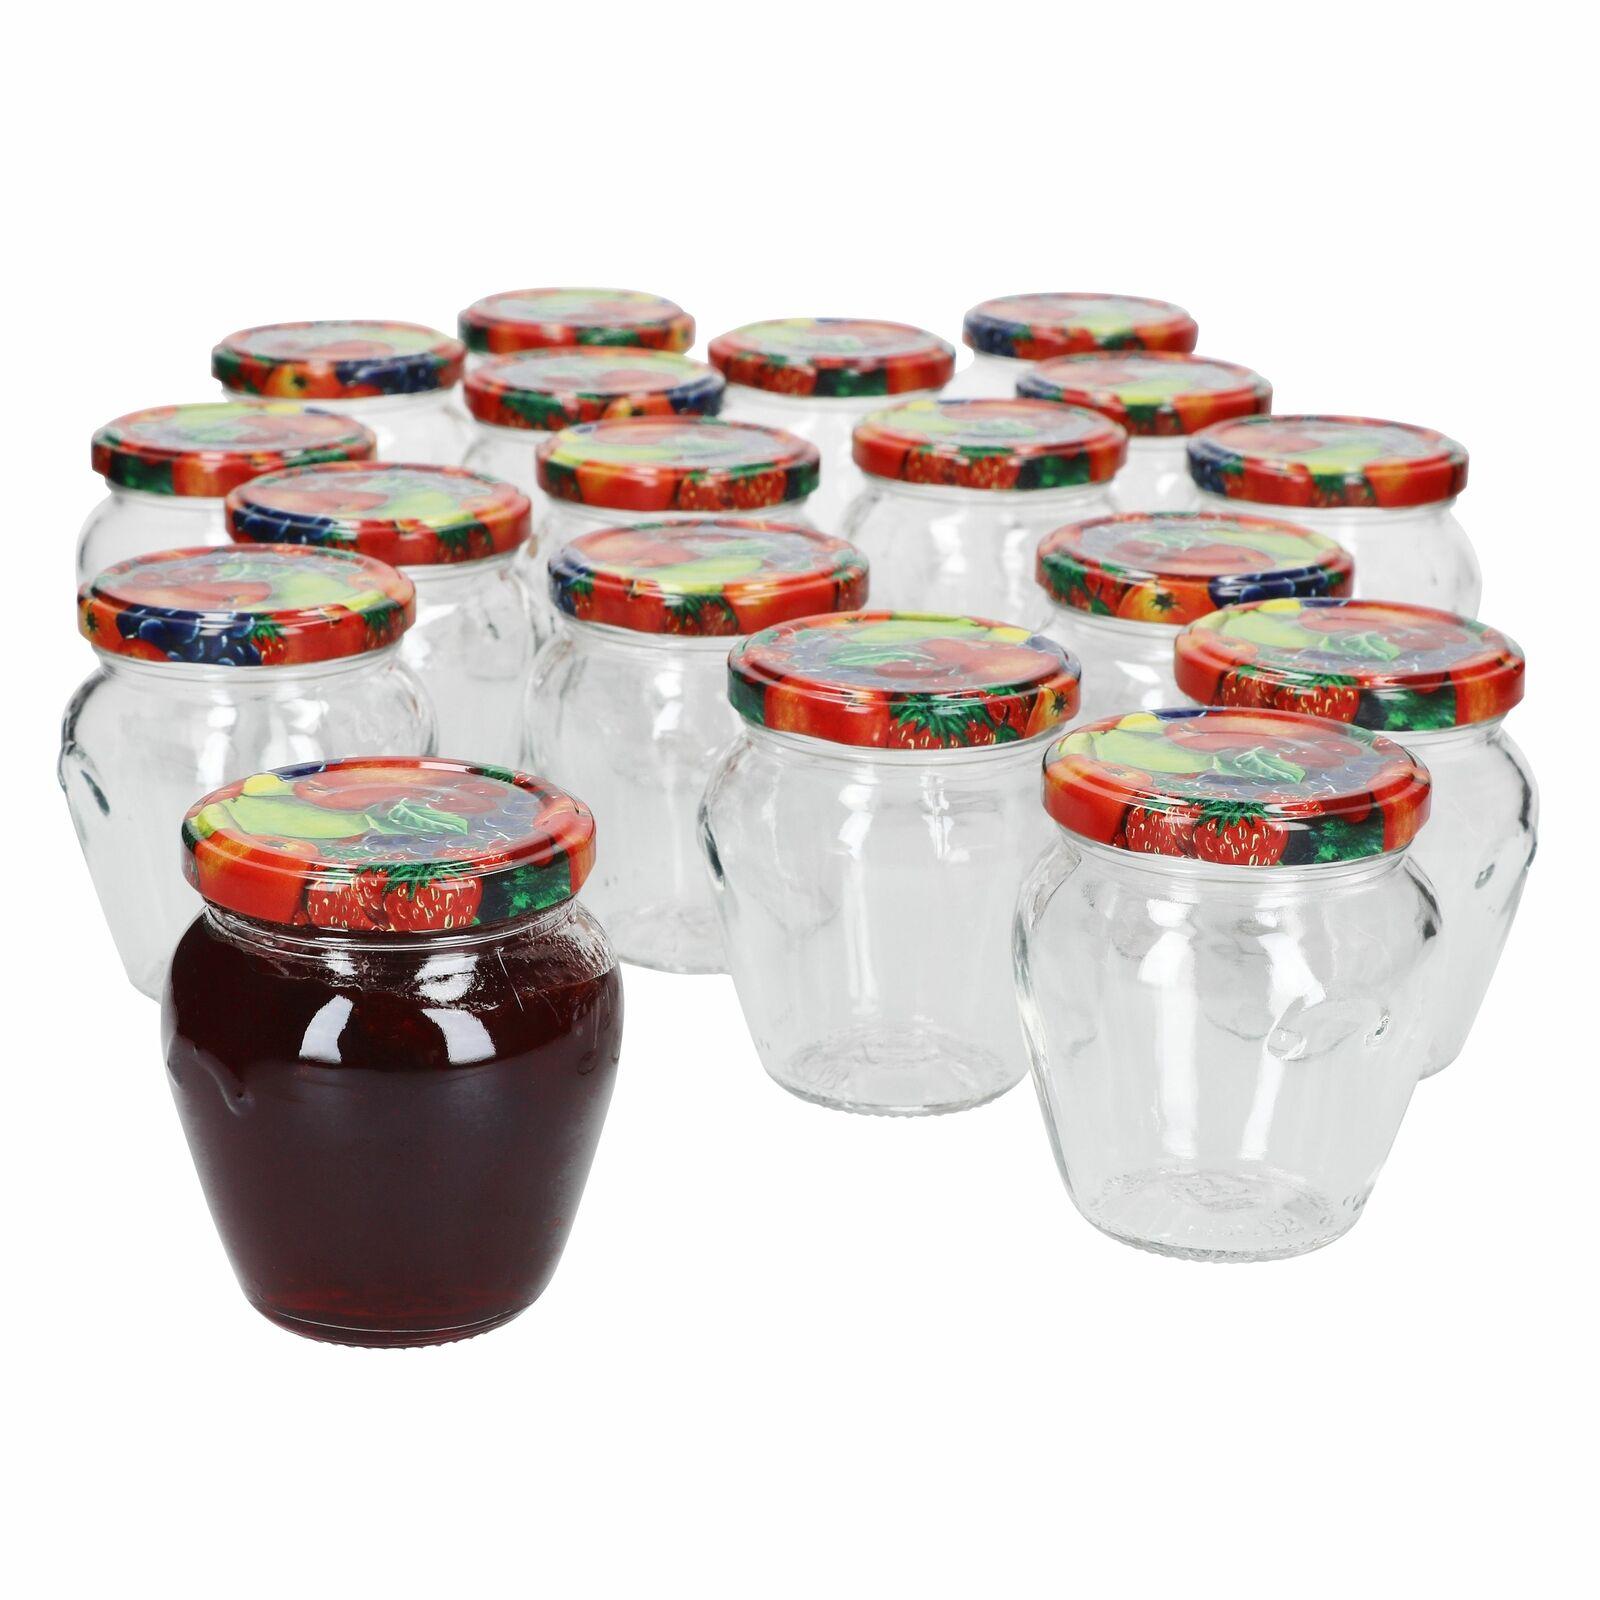 18er Set Marmeladenglas 212ml Deckel Obst Einmachgläser Einkochgläser Gläser